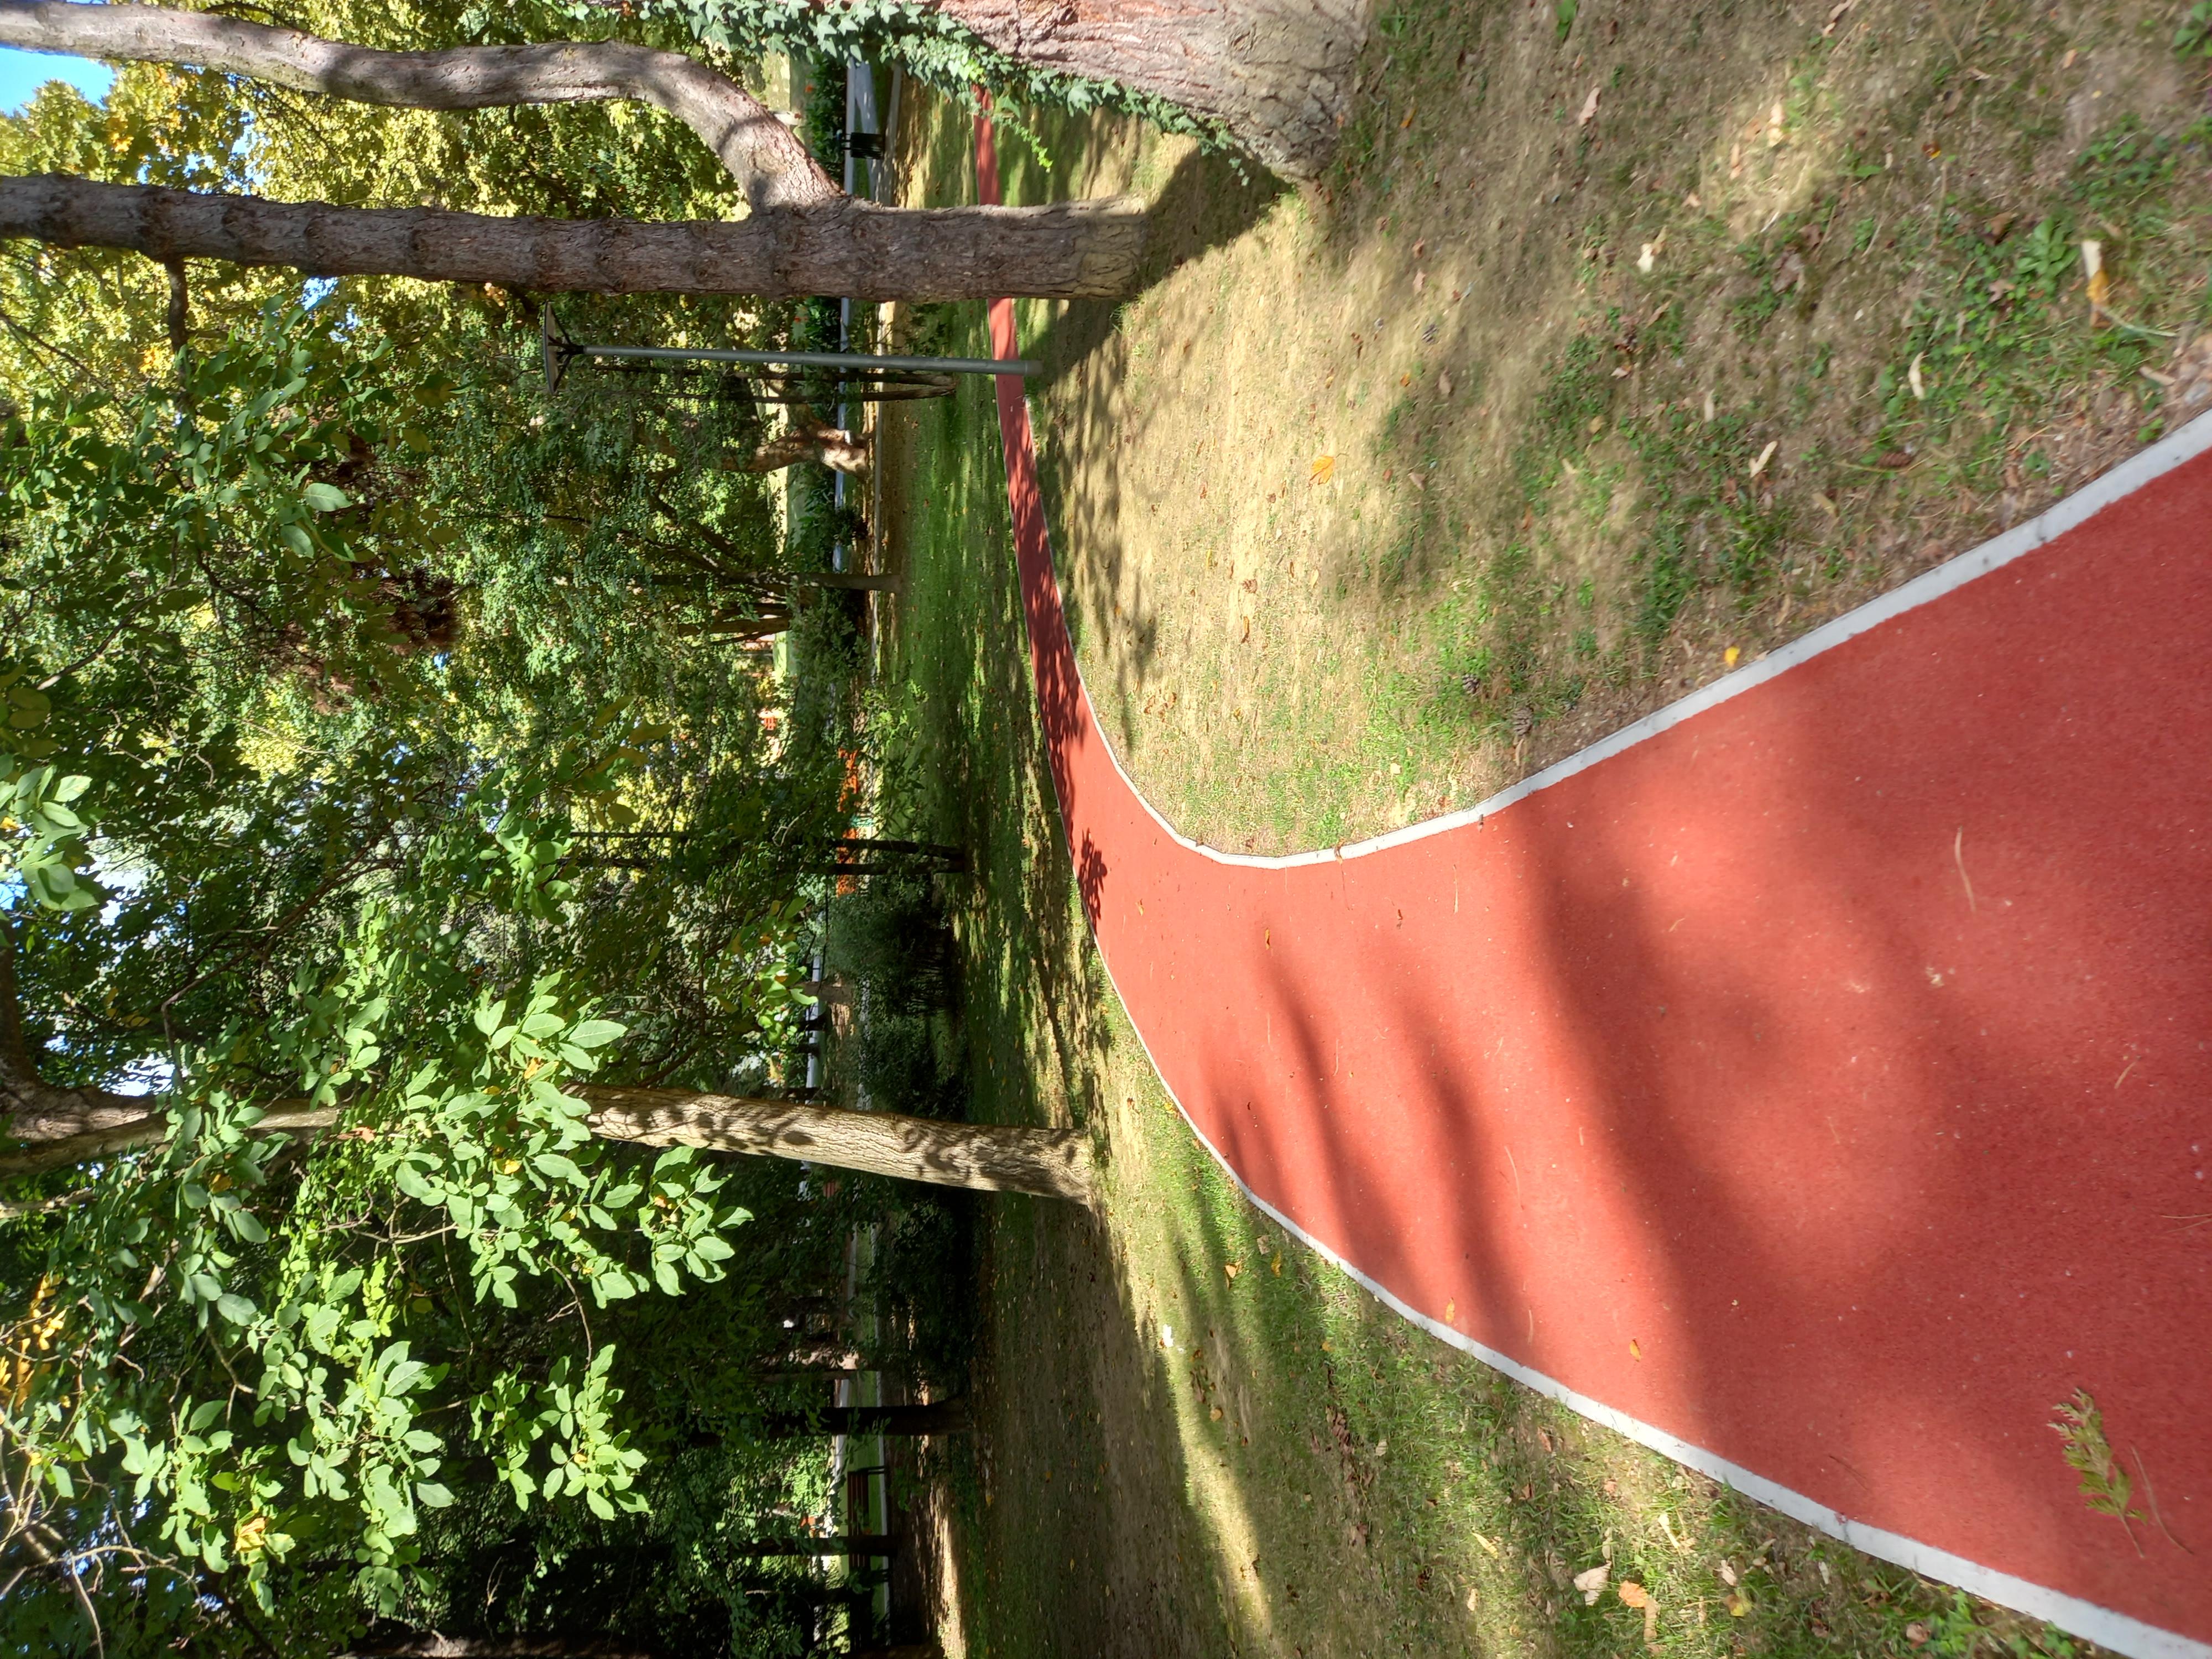 Arboretum - gardens